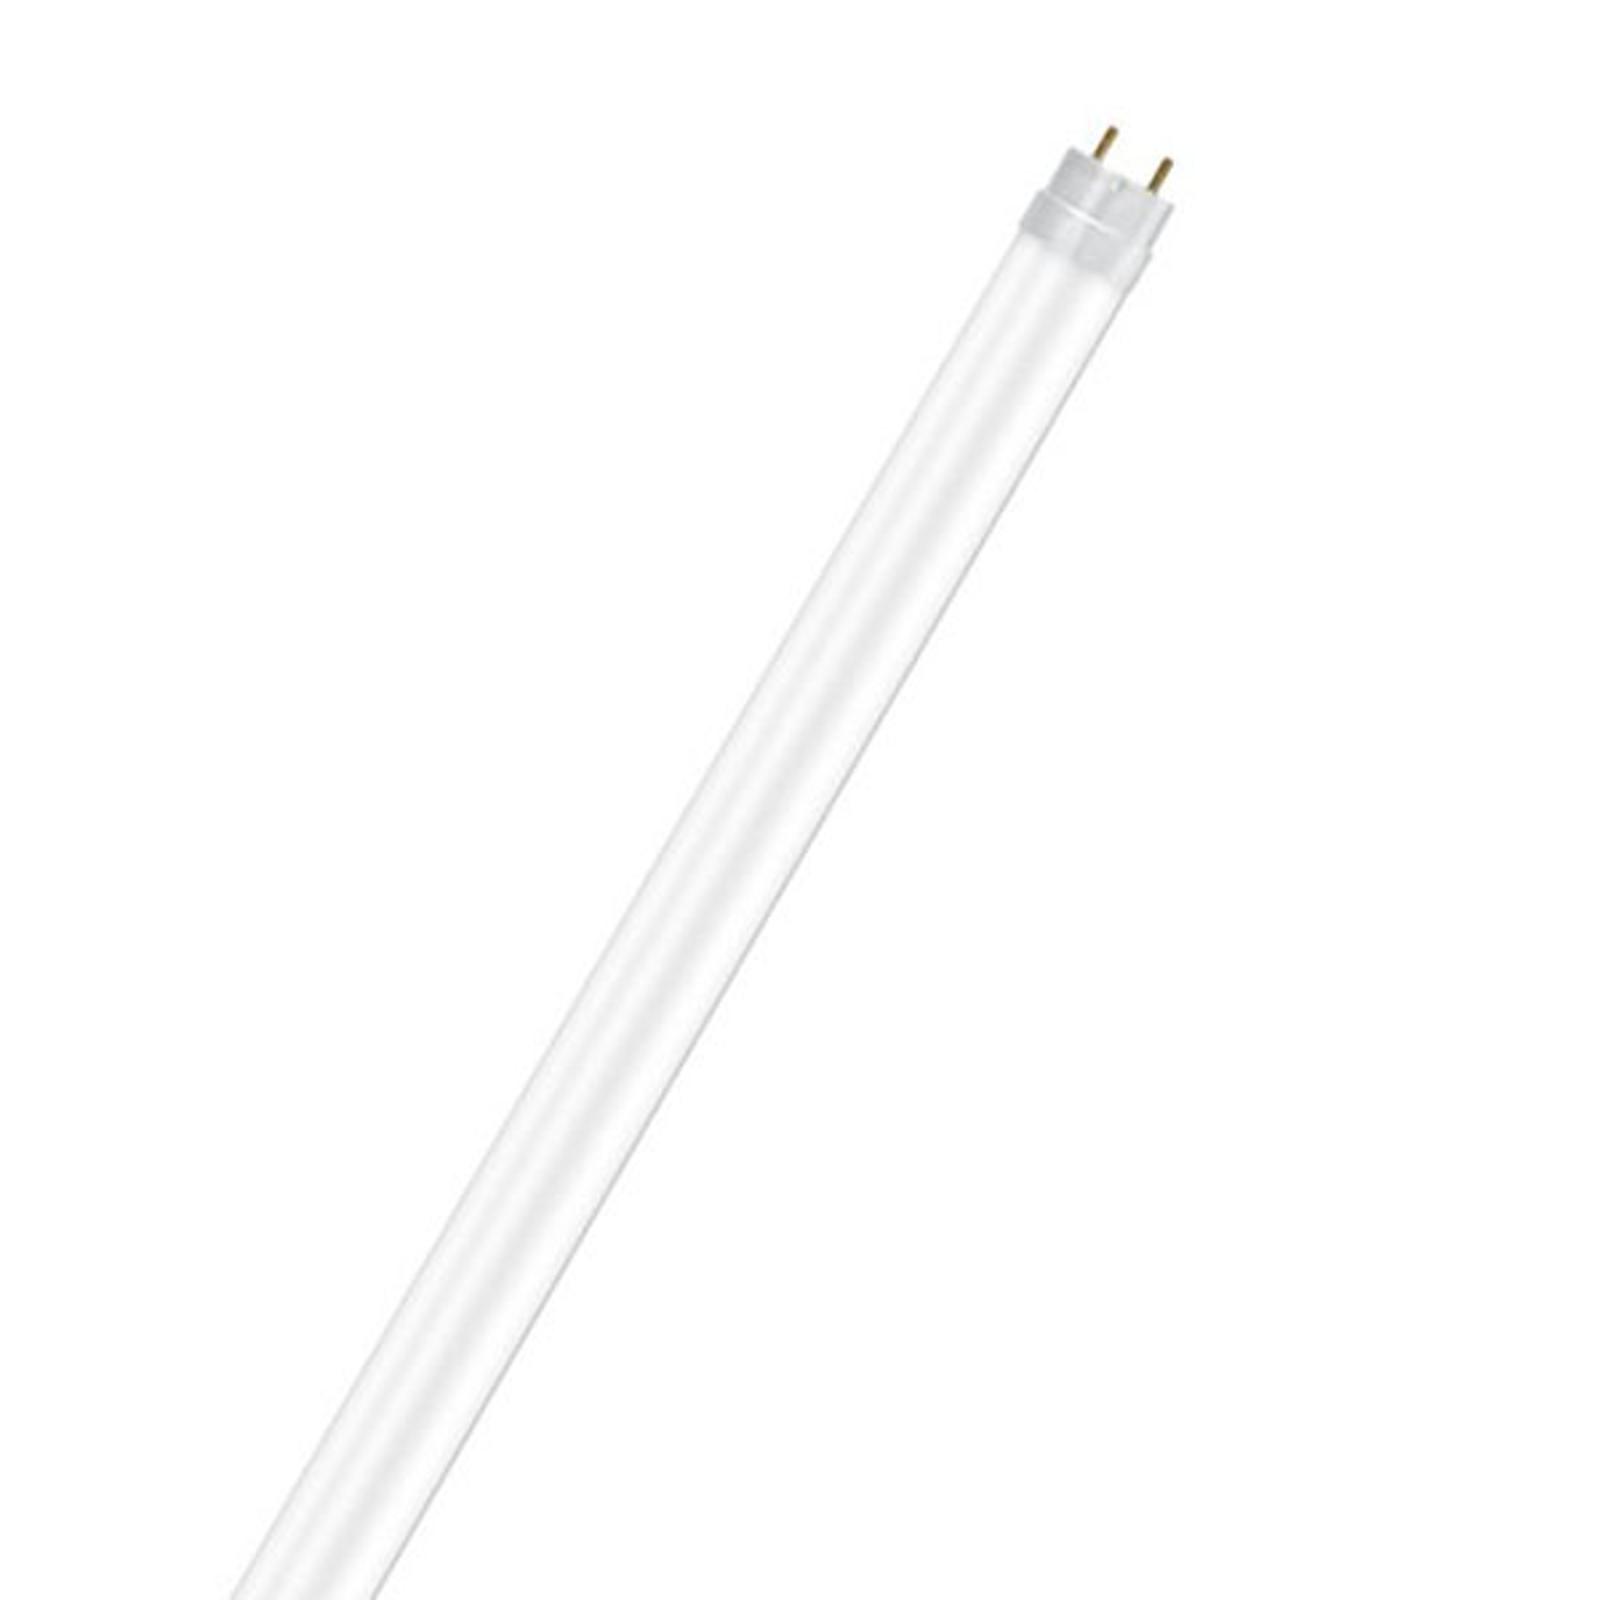 OSRAM LED-Röhre G13 T8 60cm SubstiTUBE 6,6W 4.000K